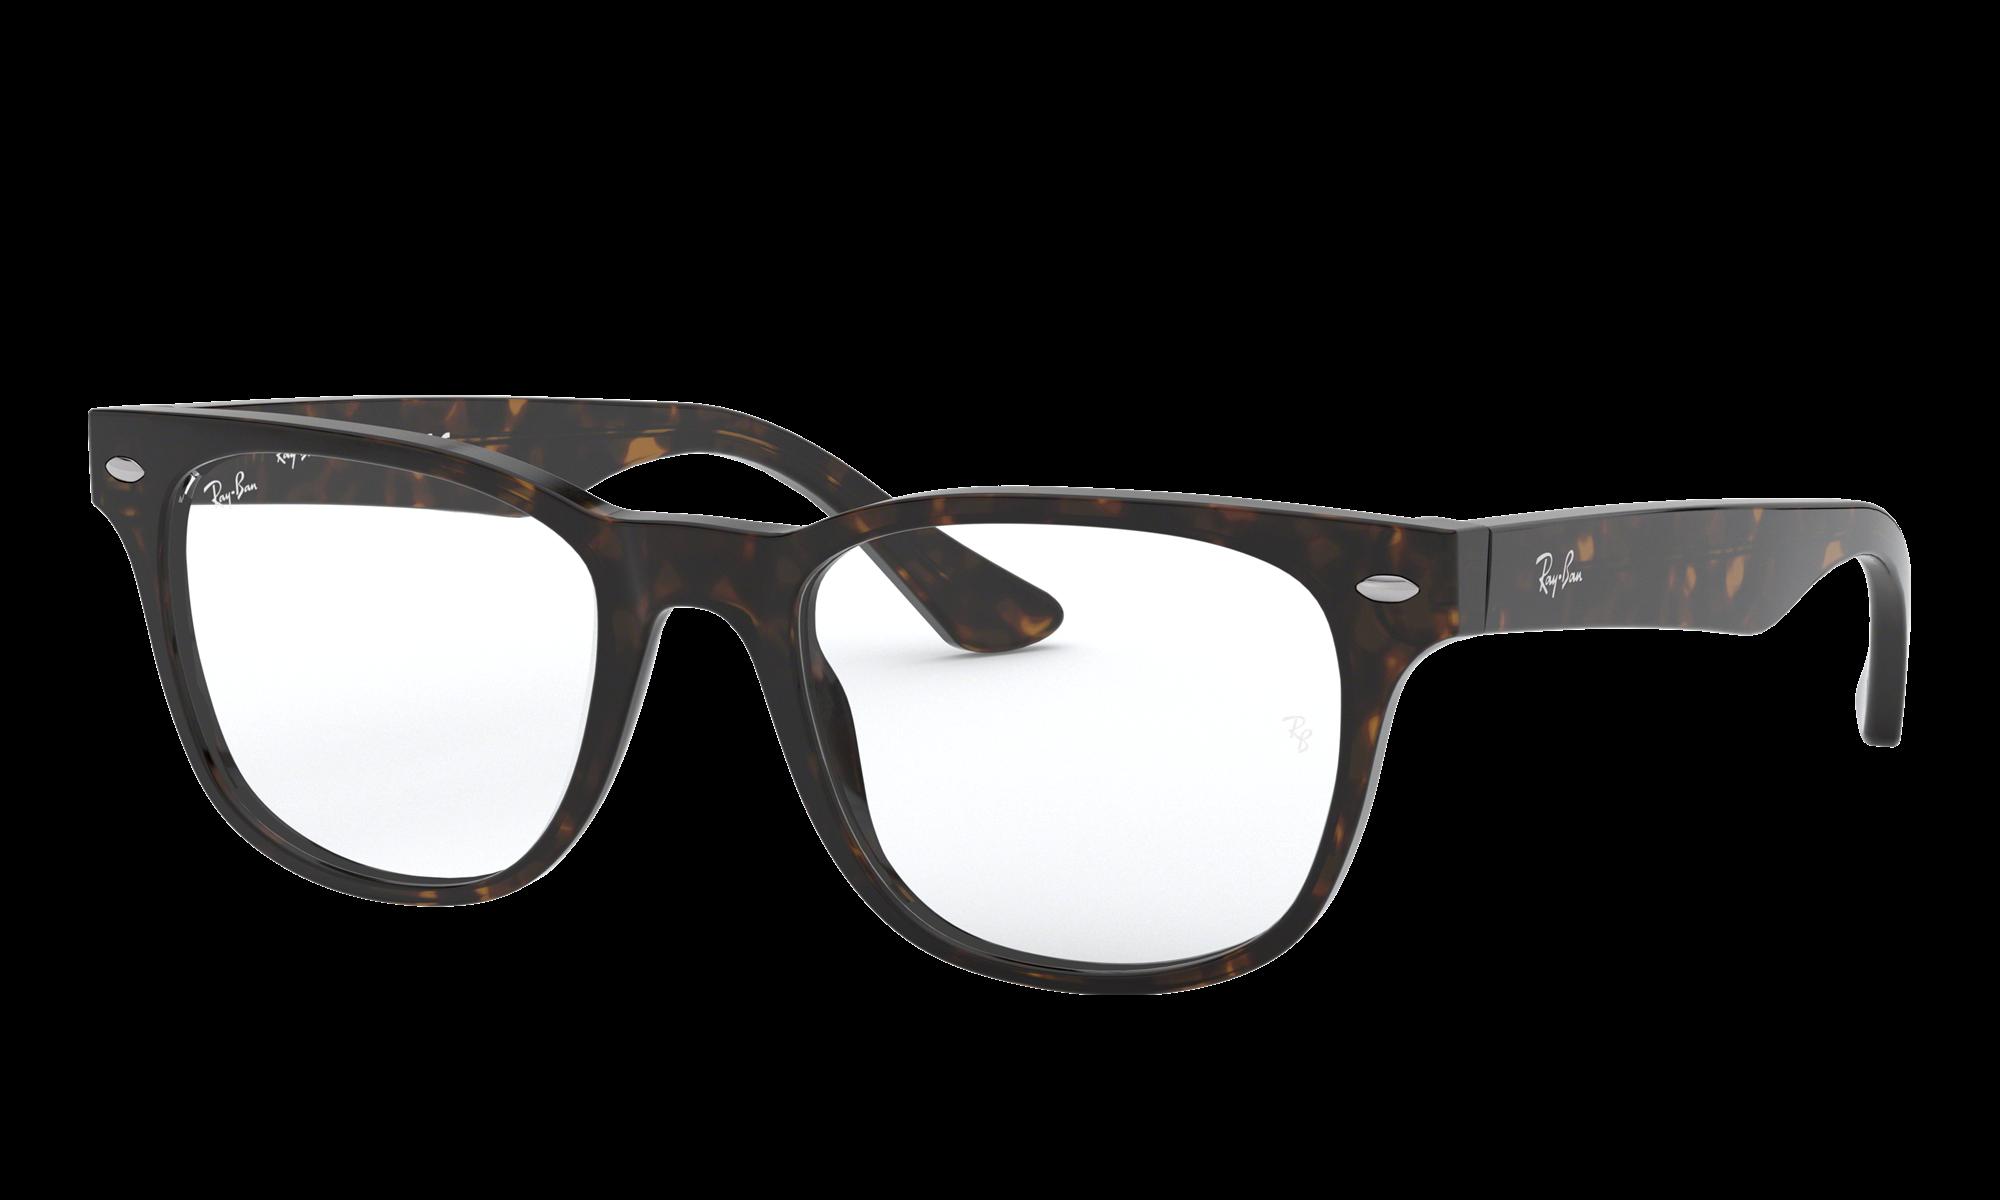 Ray-Ban RX5359 Tortoise Eyeglasses | Glasses.com® | Free ...